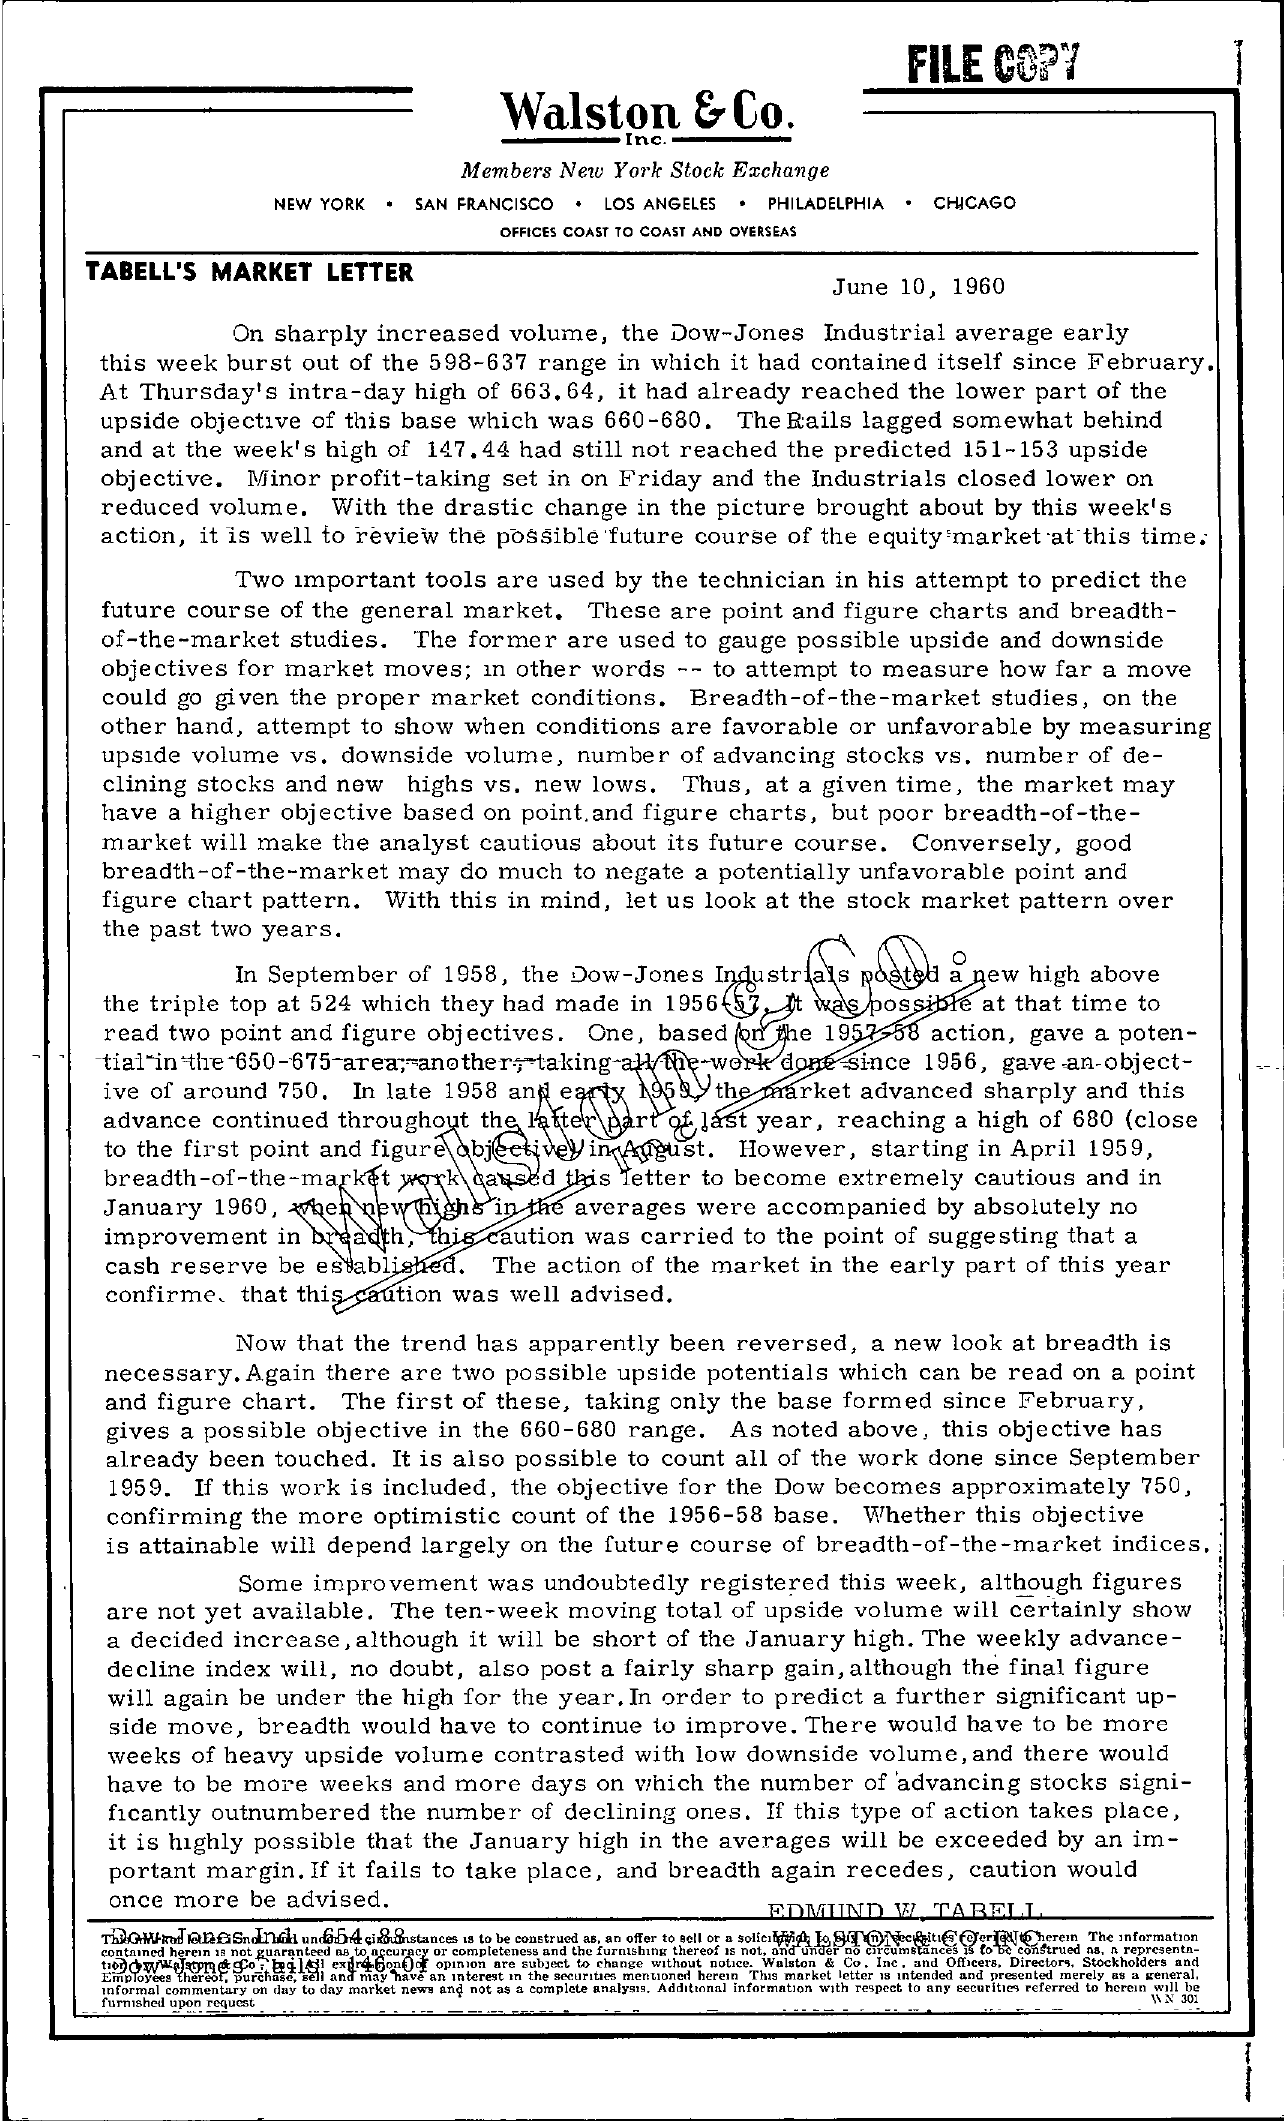 Tabell's Market Letter - June 10, 1960